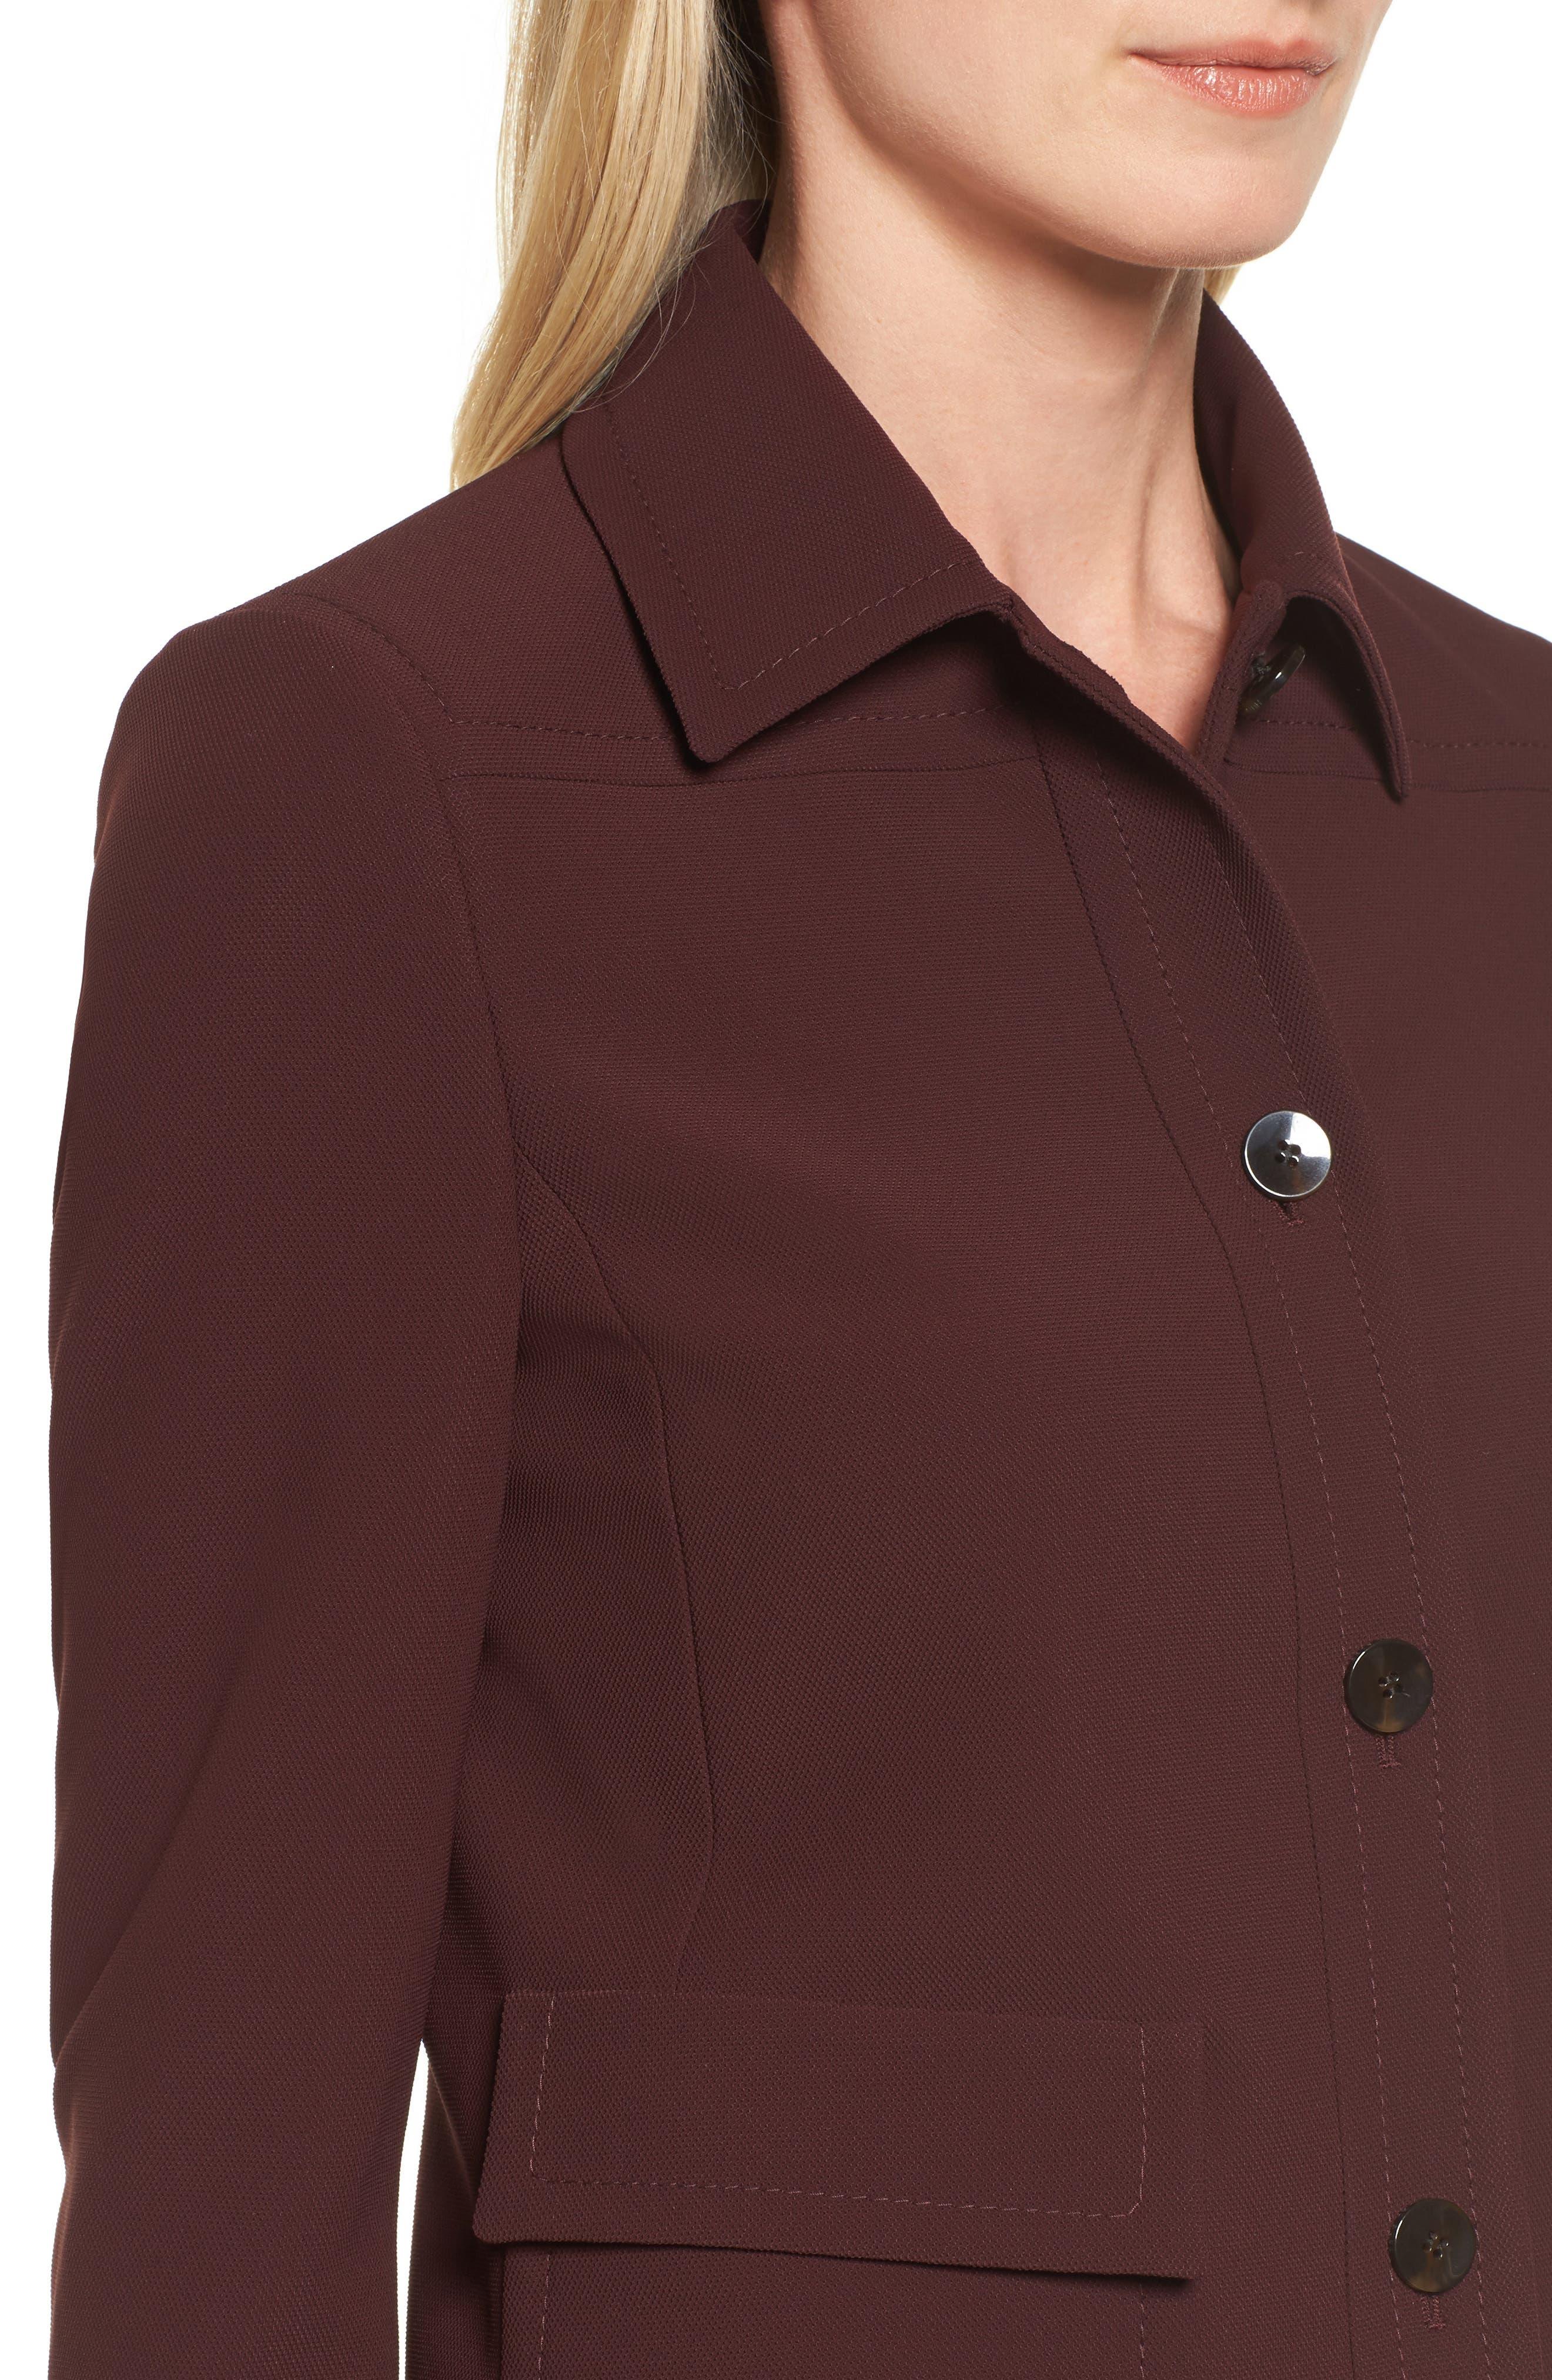 Juriona Suit Jacket,                             Alternate thumbnail 4, color,